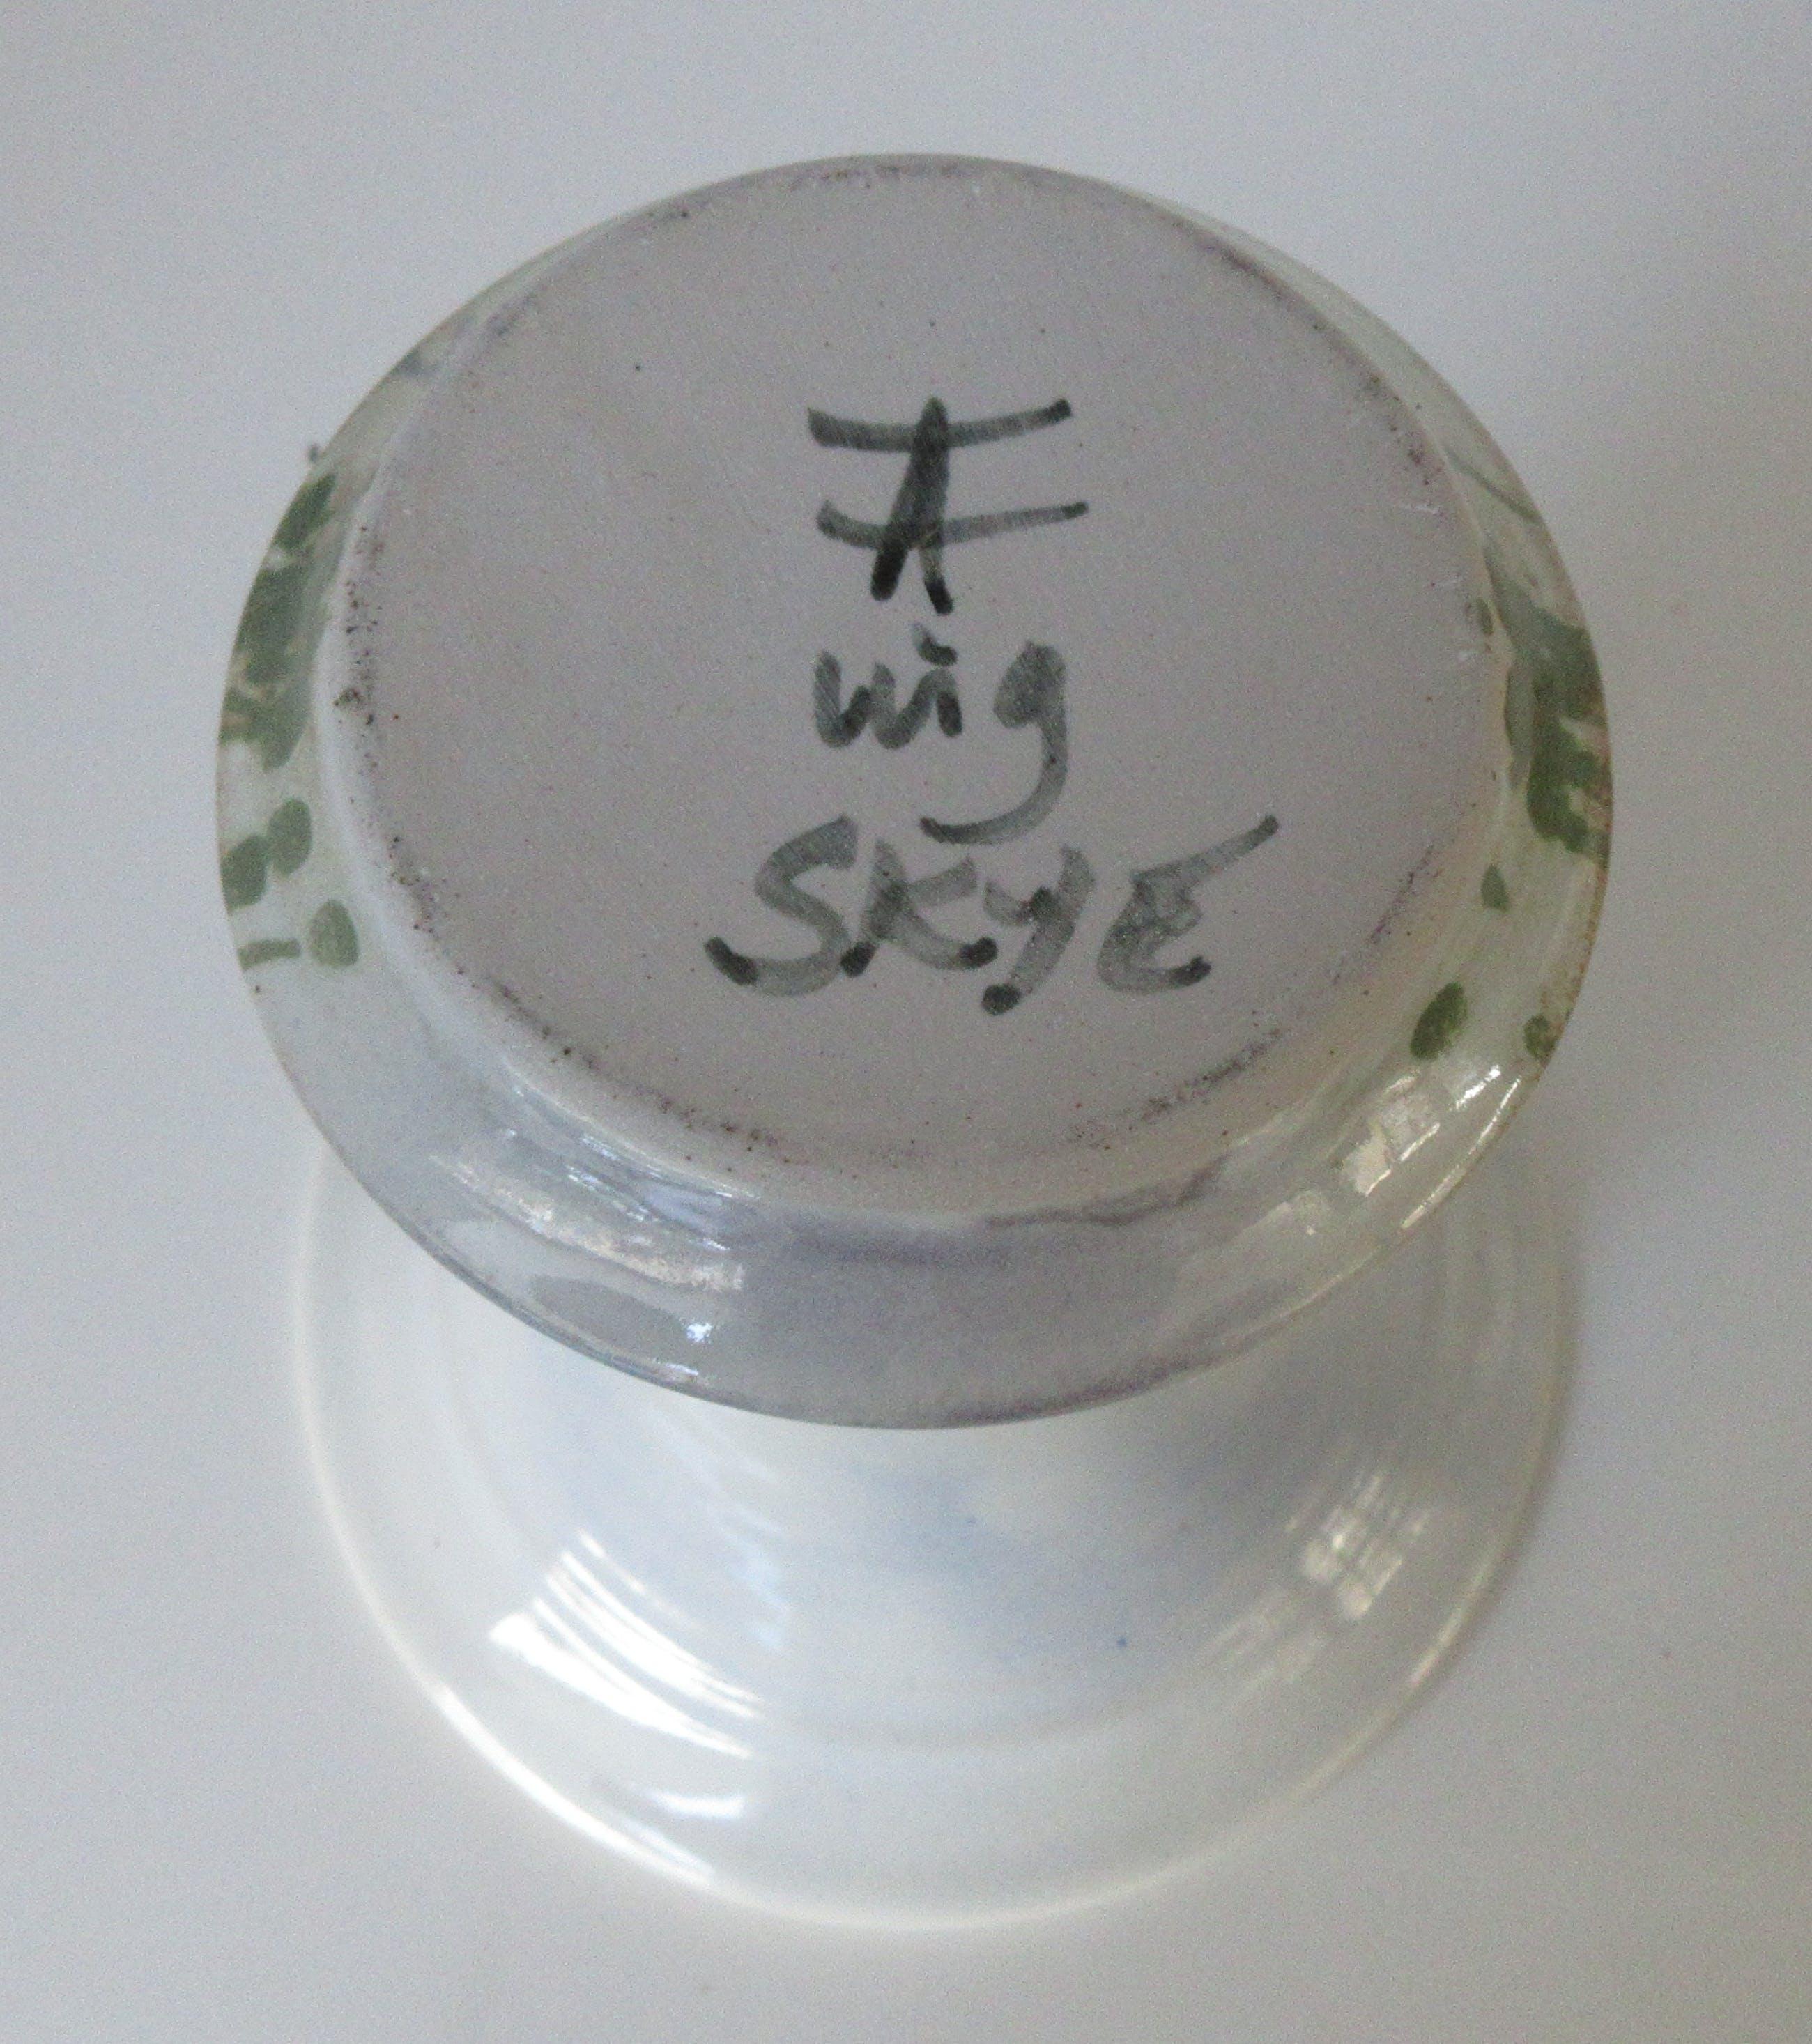 Niet of onleesbaar gesigneerd - Schots UIG Pottery vaasje kopen? Bied vanaf 1!